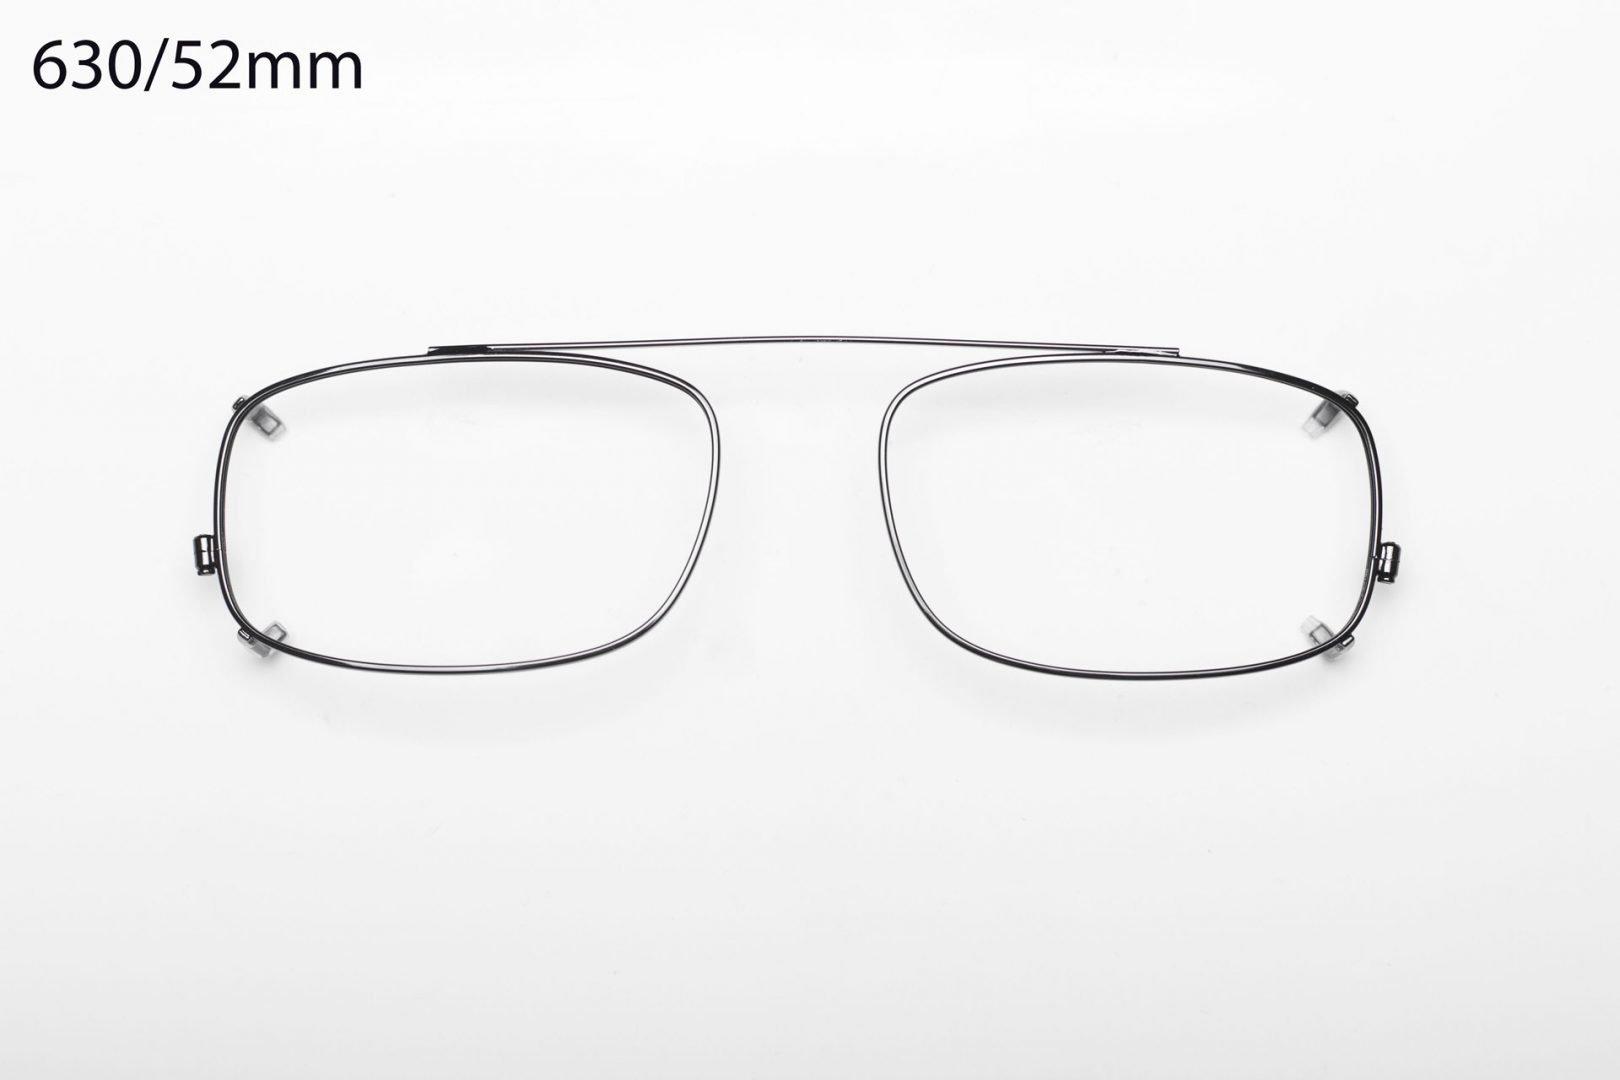 Modèle A87-63052mm